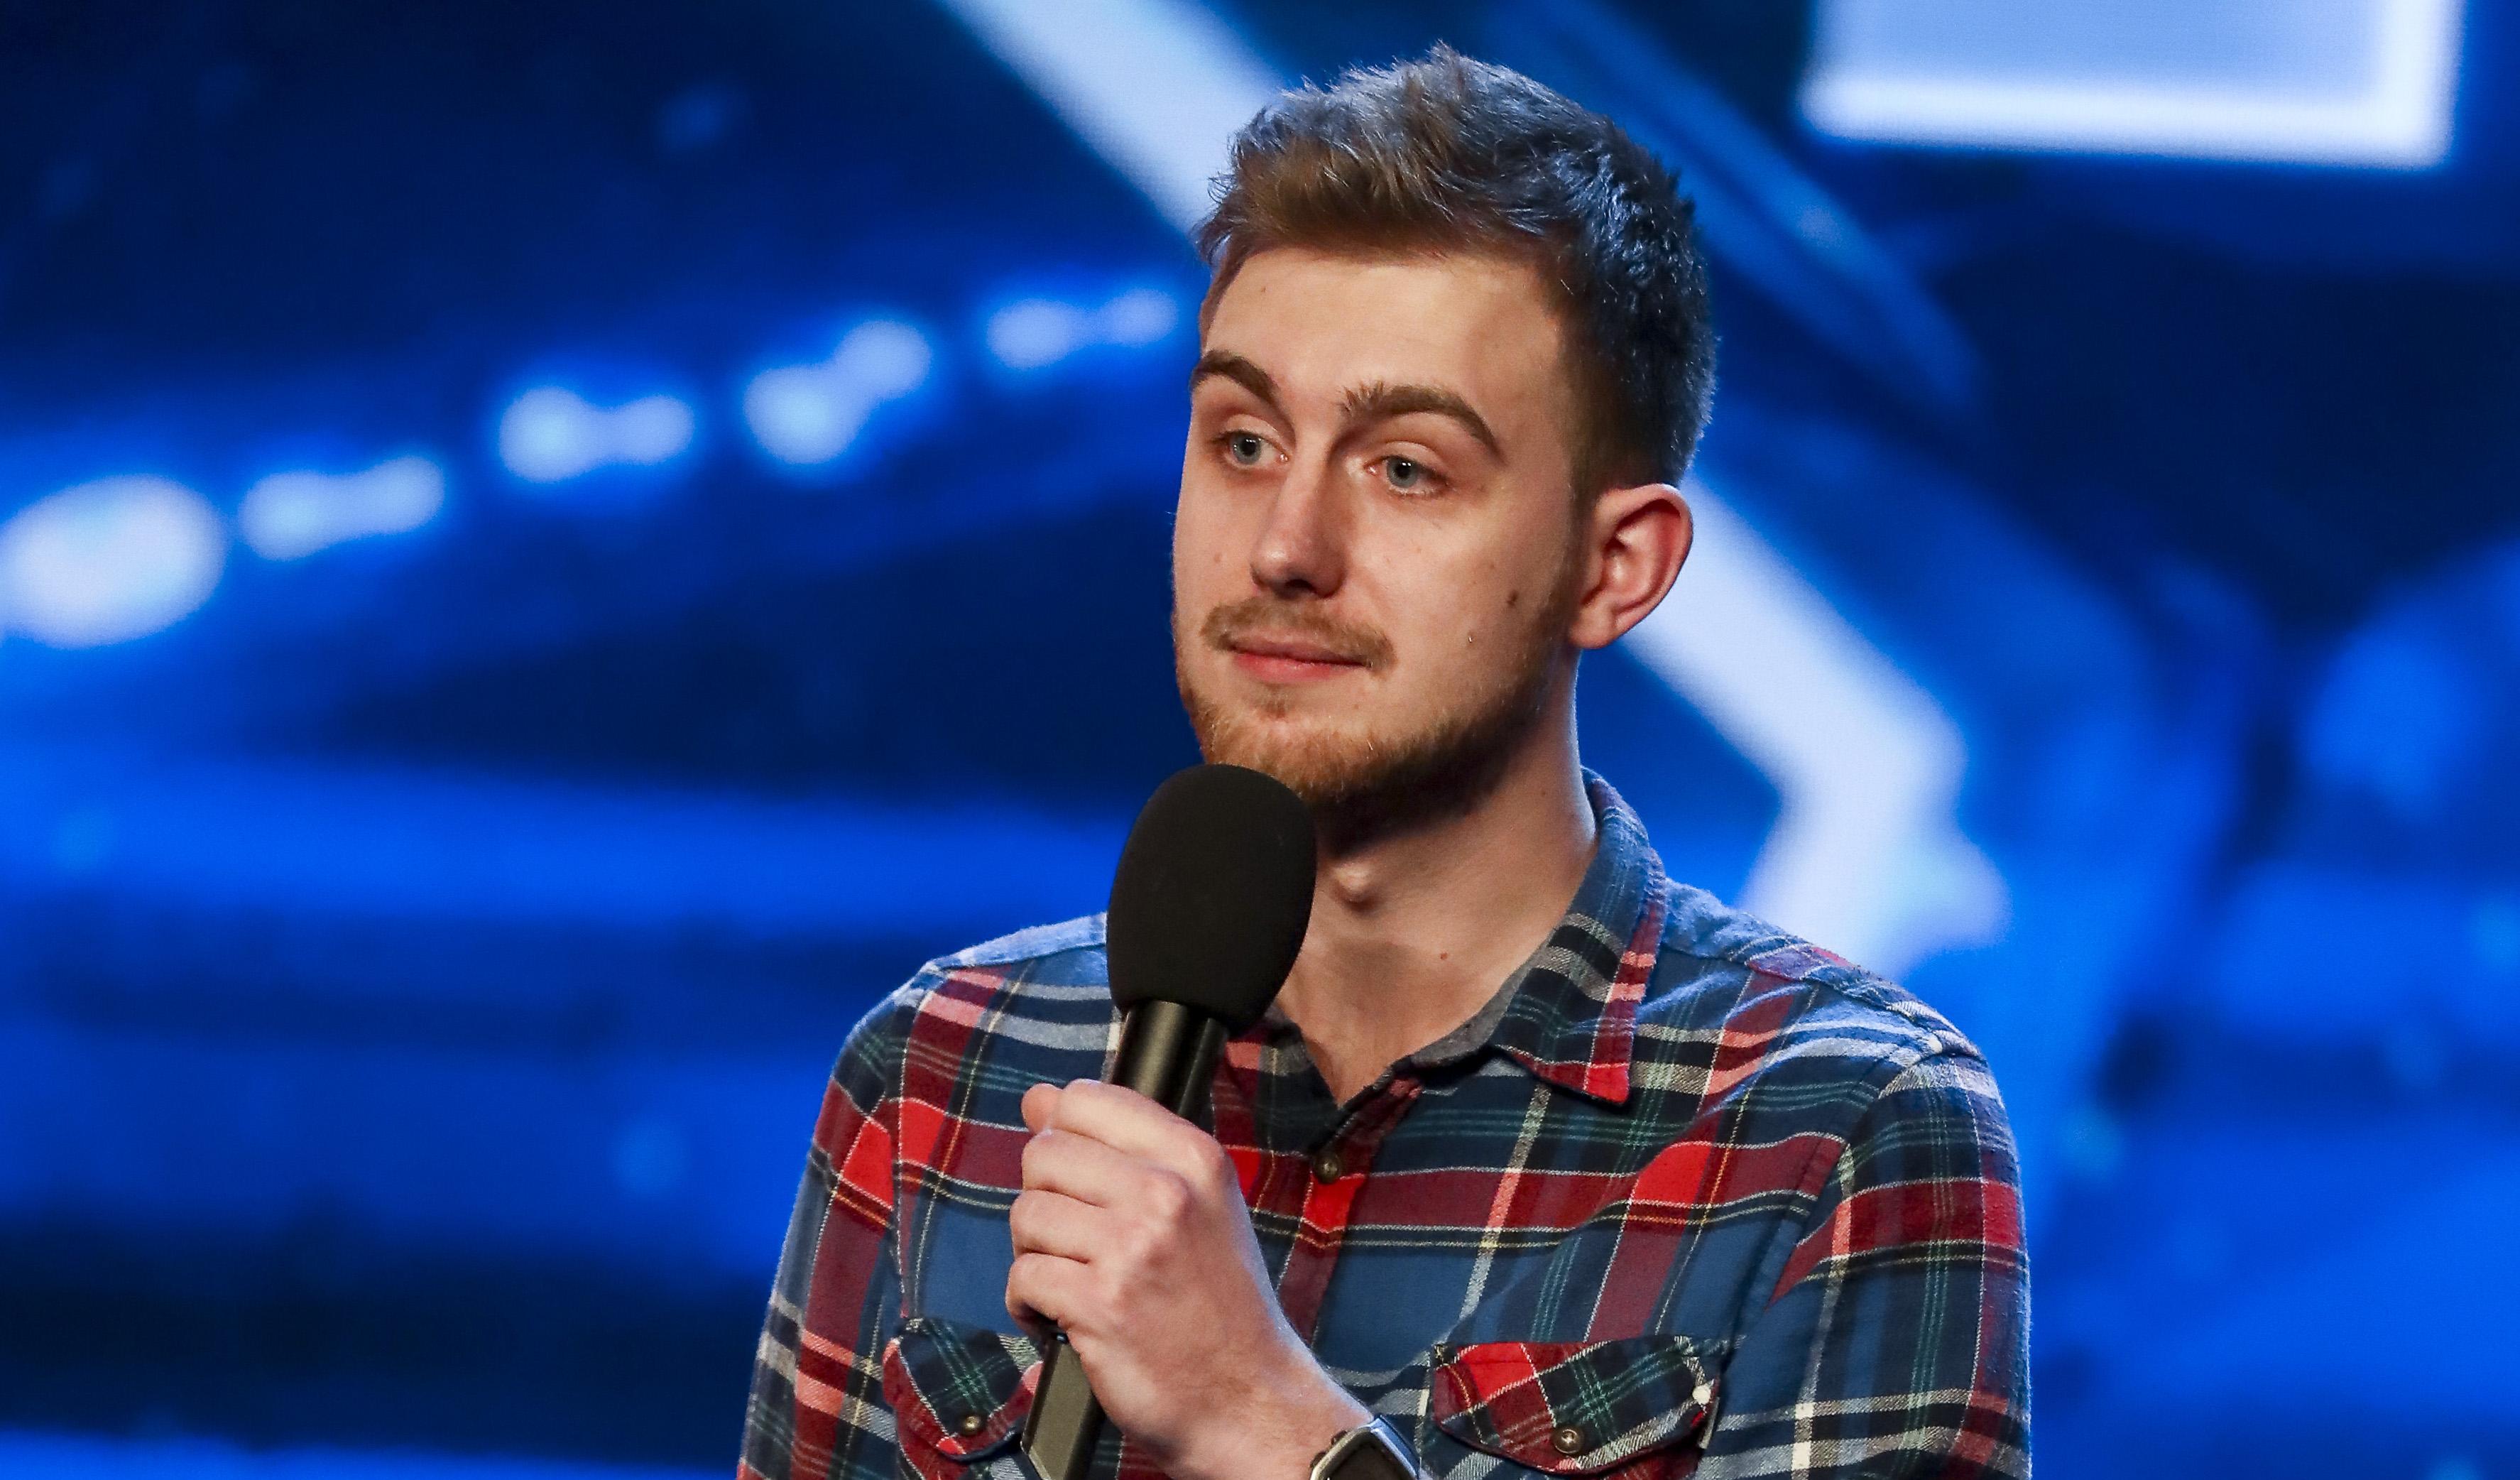 Martin Westgate on Britain's Got Talent